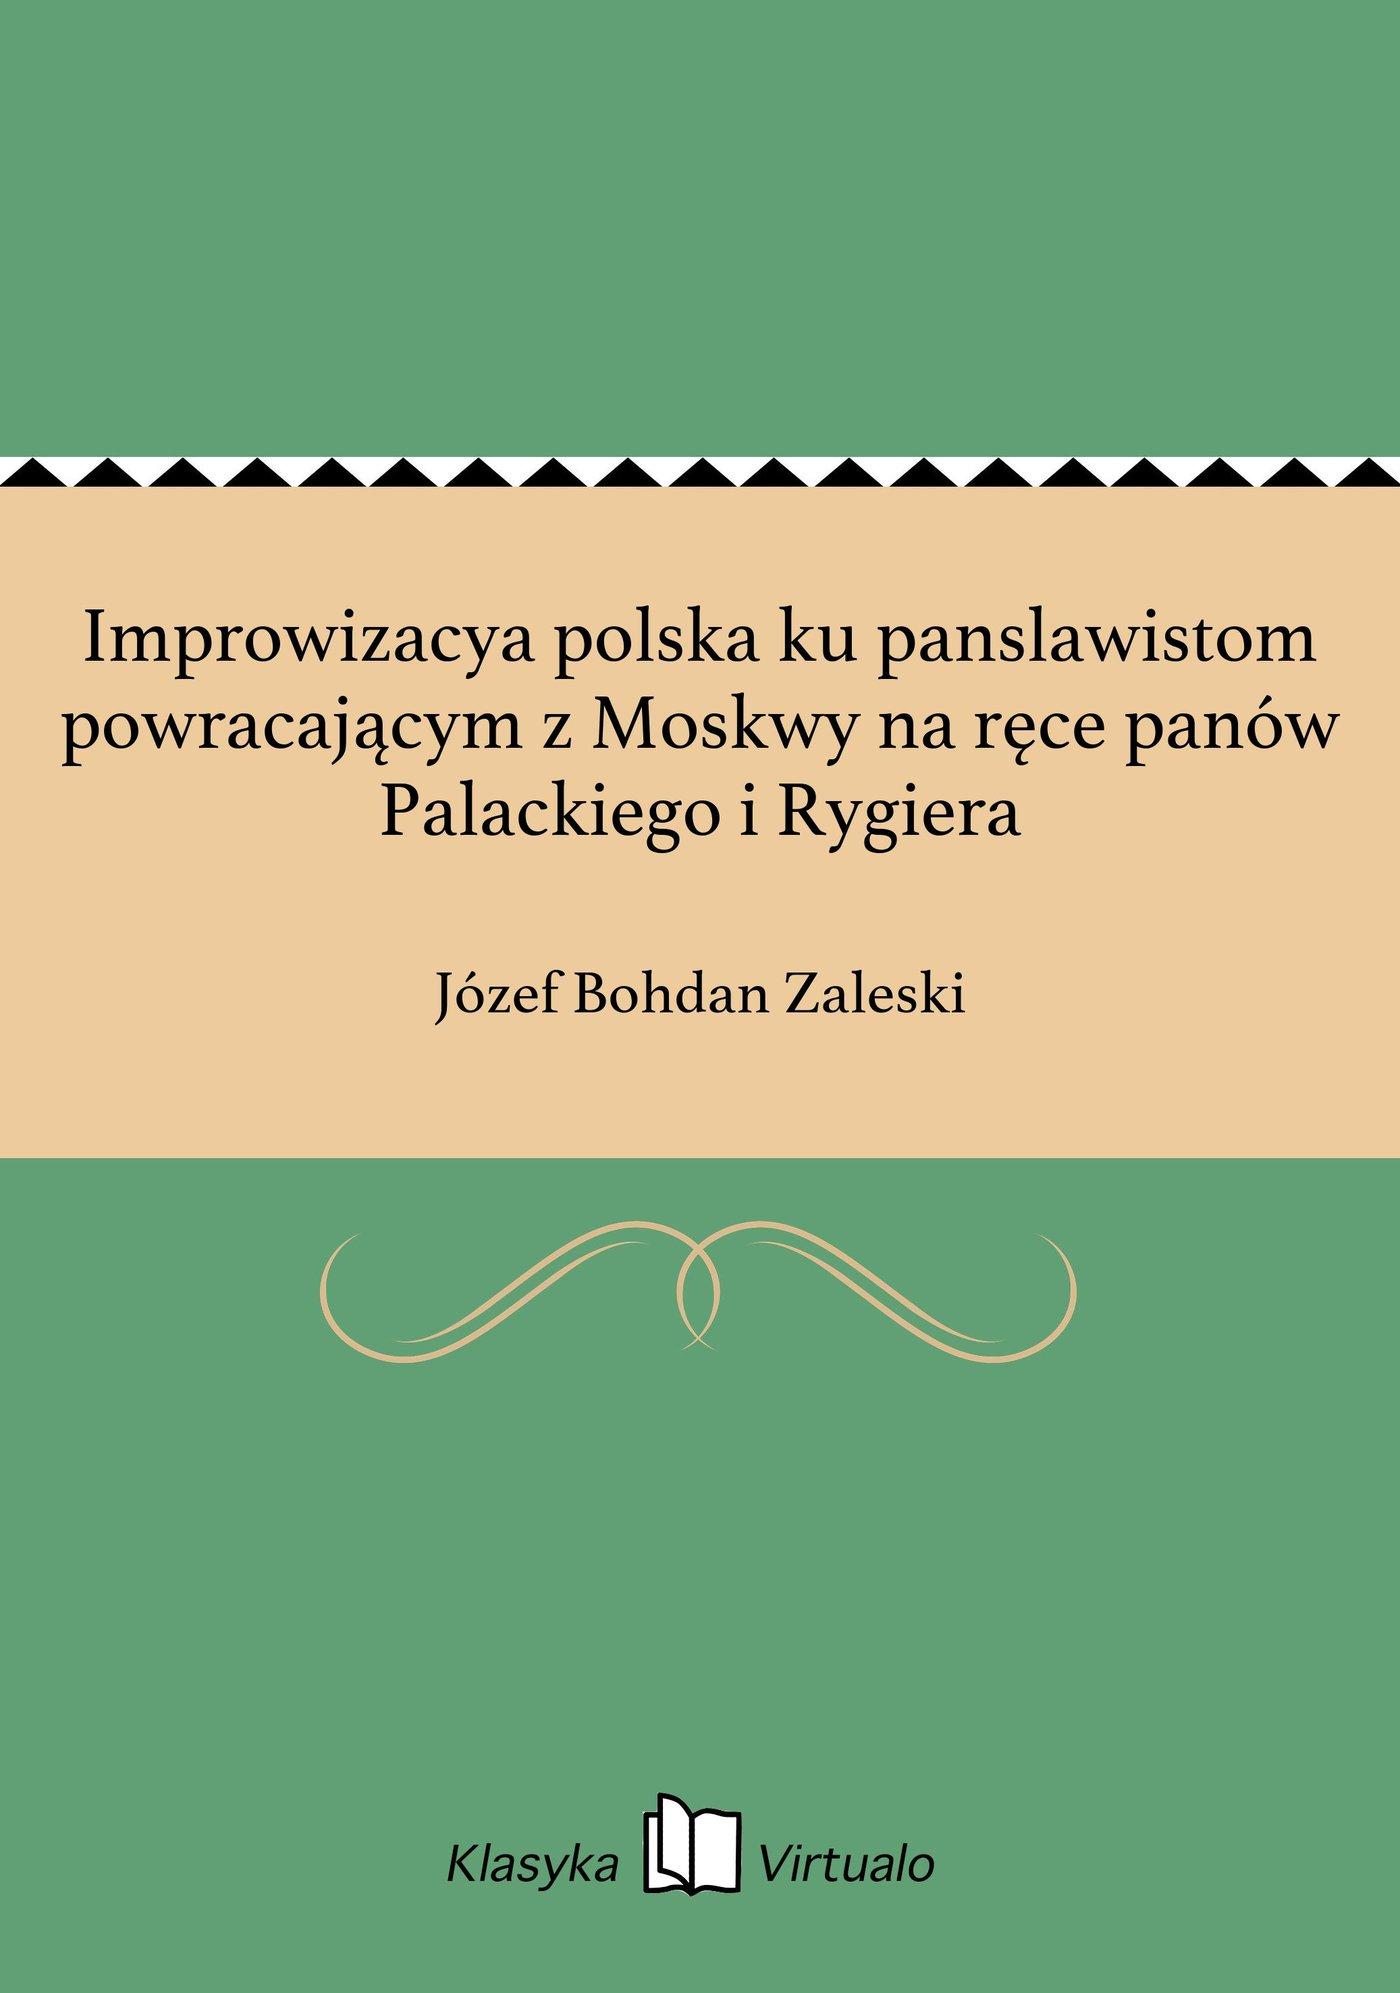 Improwizacya polska ku panslawistom powracającym z Moskwy na ręce panów Palackiego i Rygiera - Ebook (Książka EPUB) do pobrania w formacie EPUB